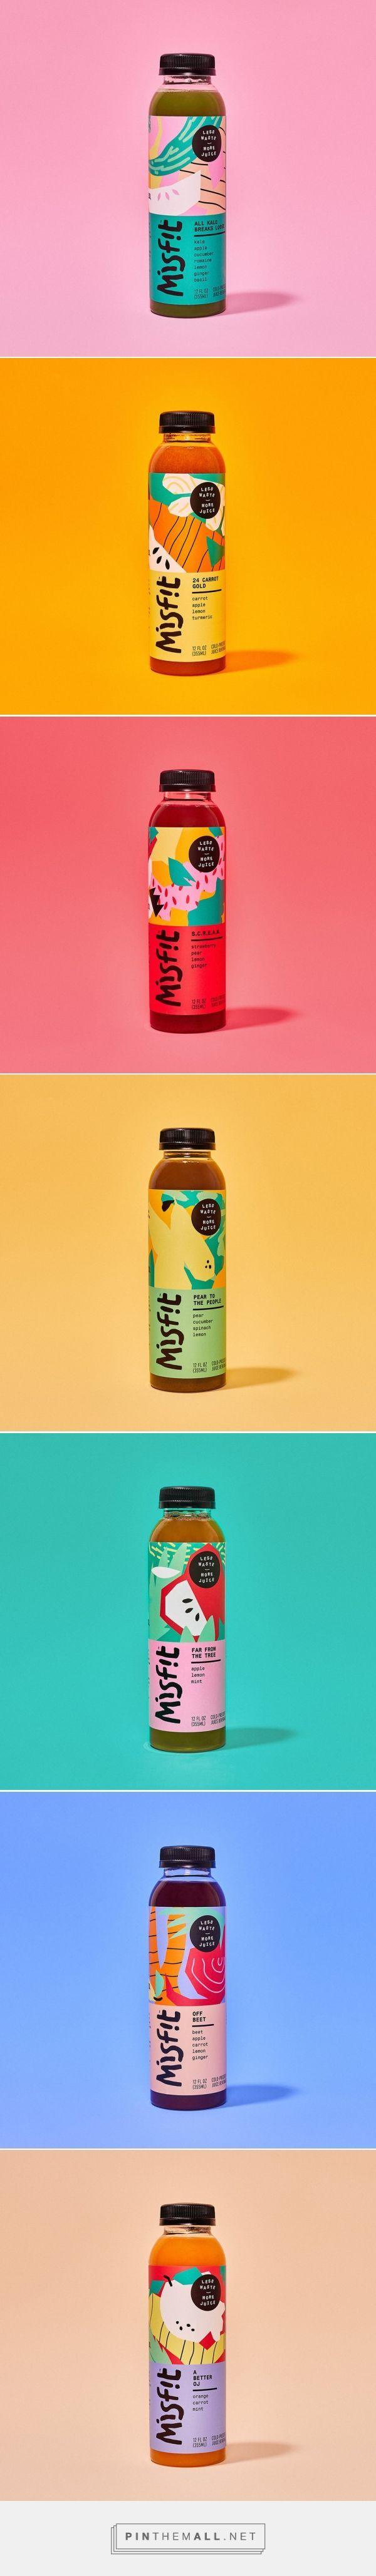 Misfit Juicery Packaging by Gander | Fivestar Branding Agency – Design and Branding Agency